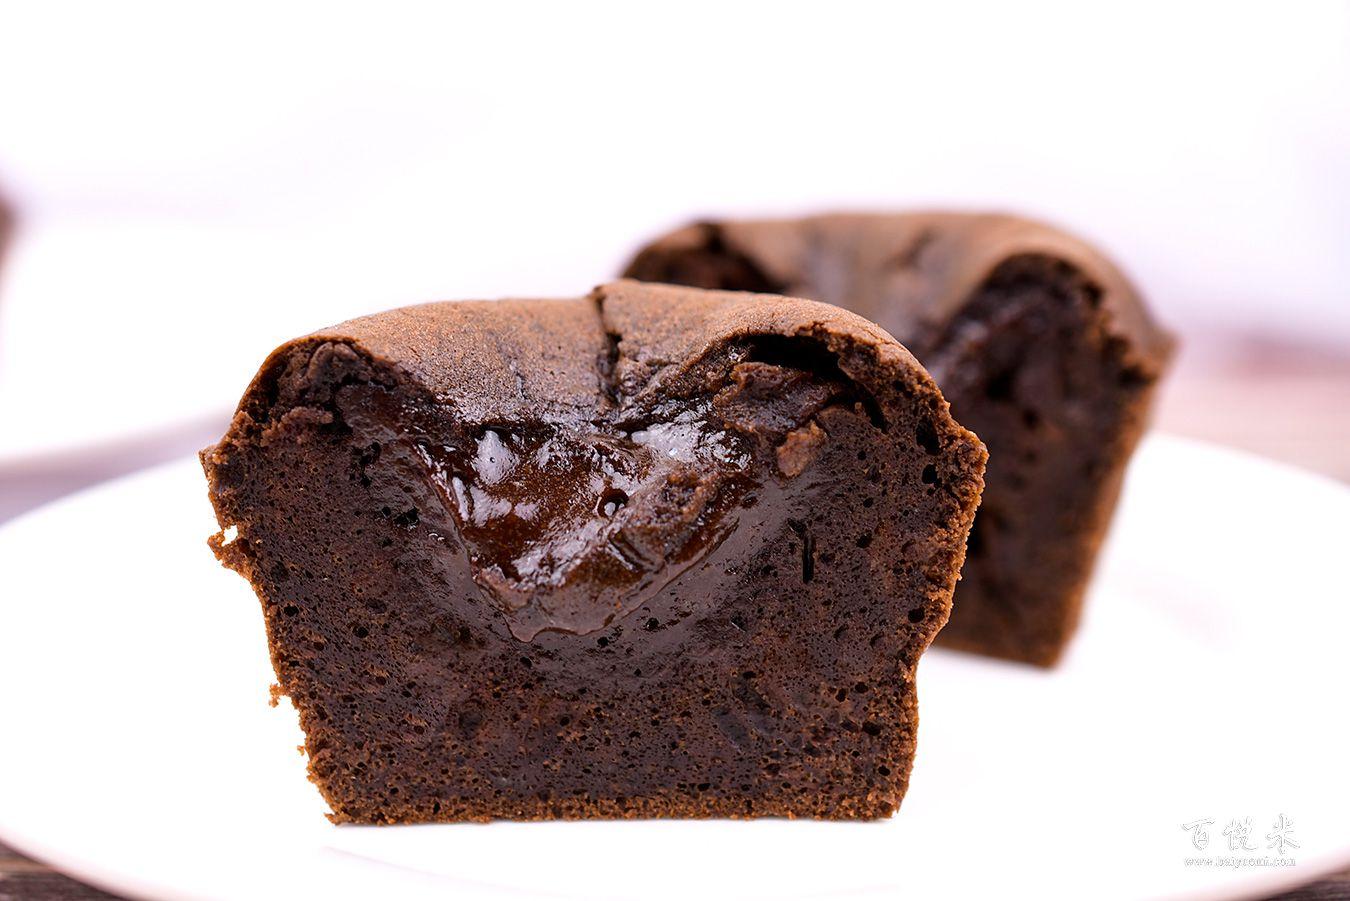 巧克力熔岩蛋糕高清图片大全【蛋糕图片】_843